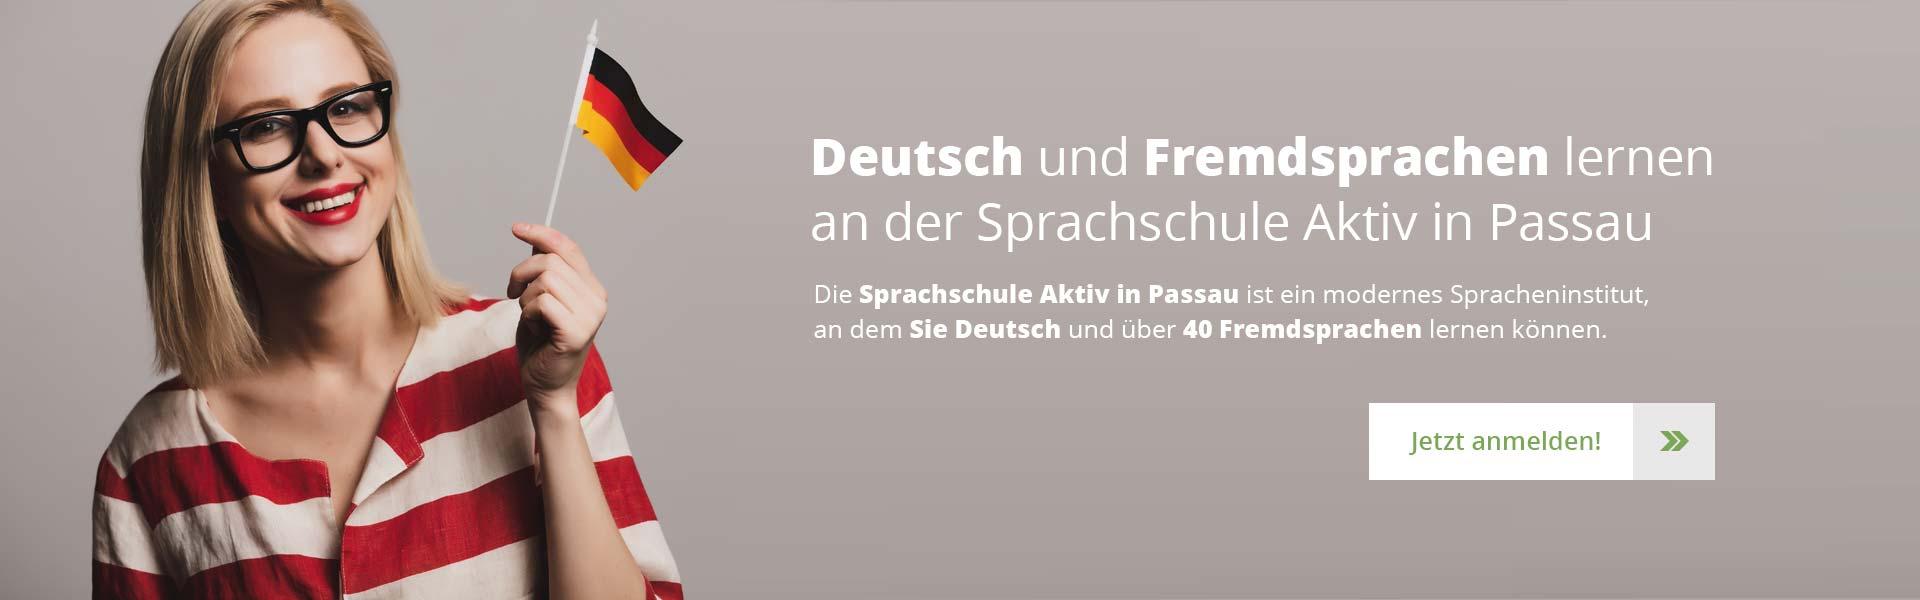 Sprachschule Passau – Deutsch und Fremdsprachen lernen